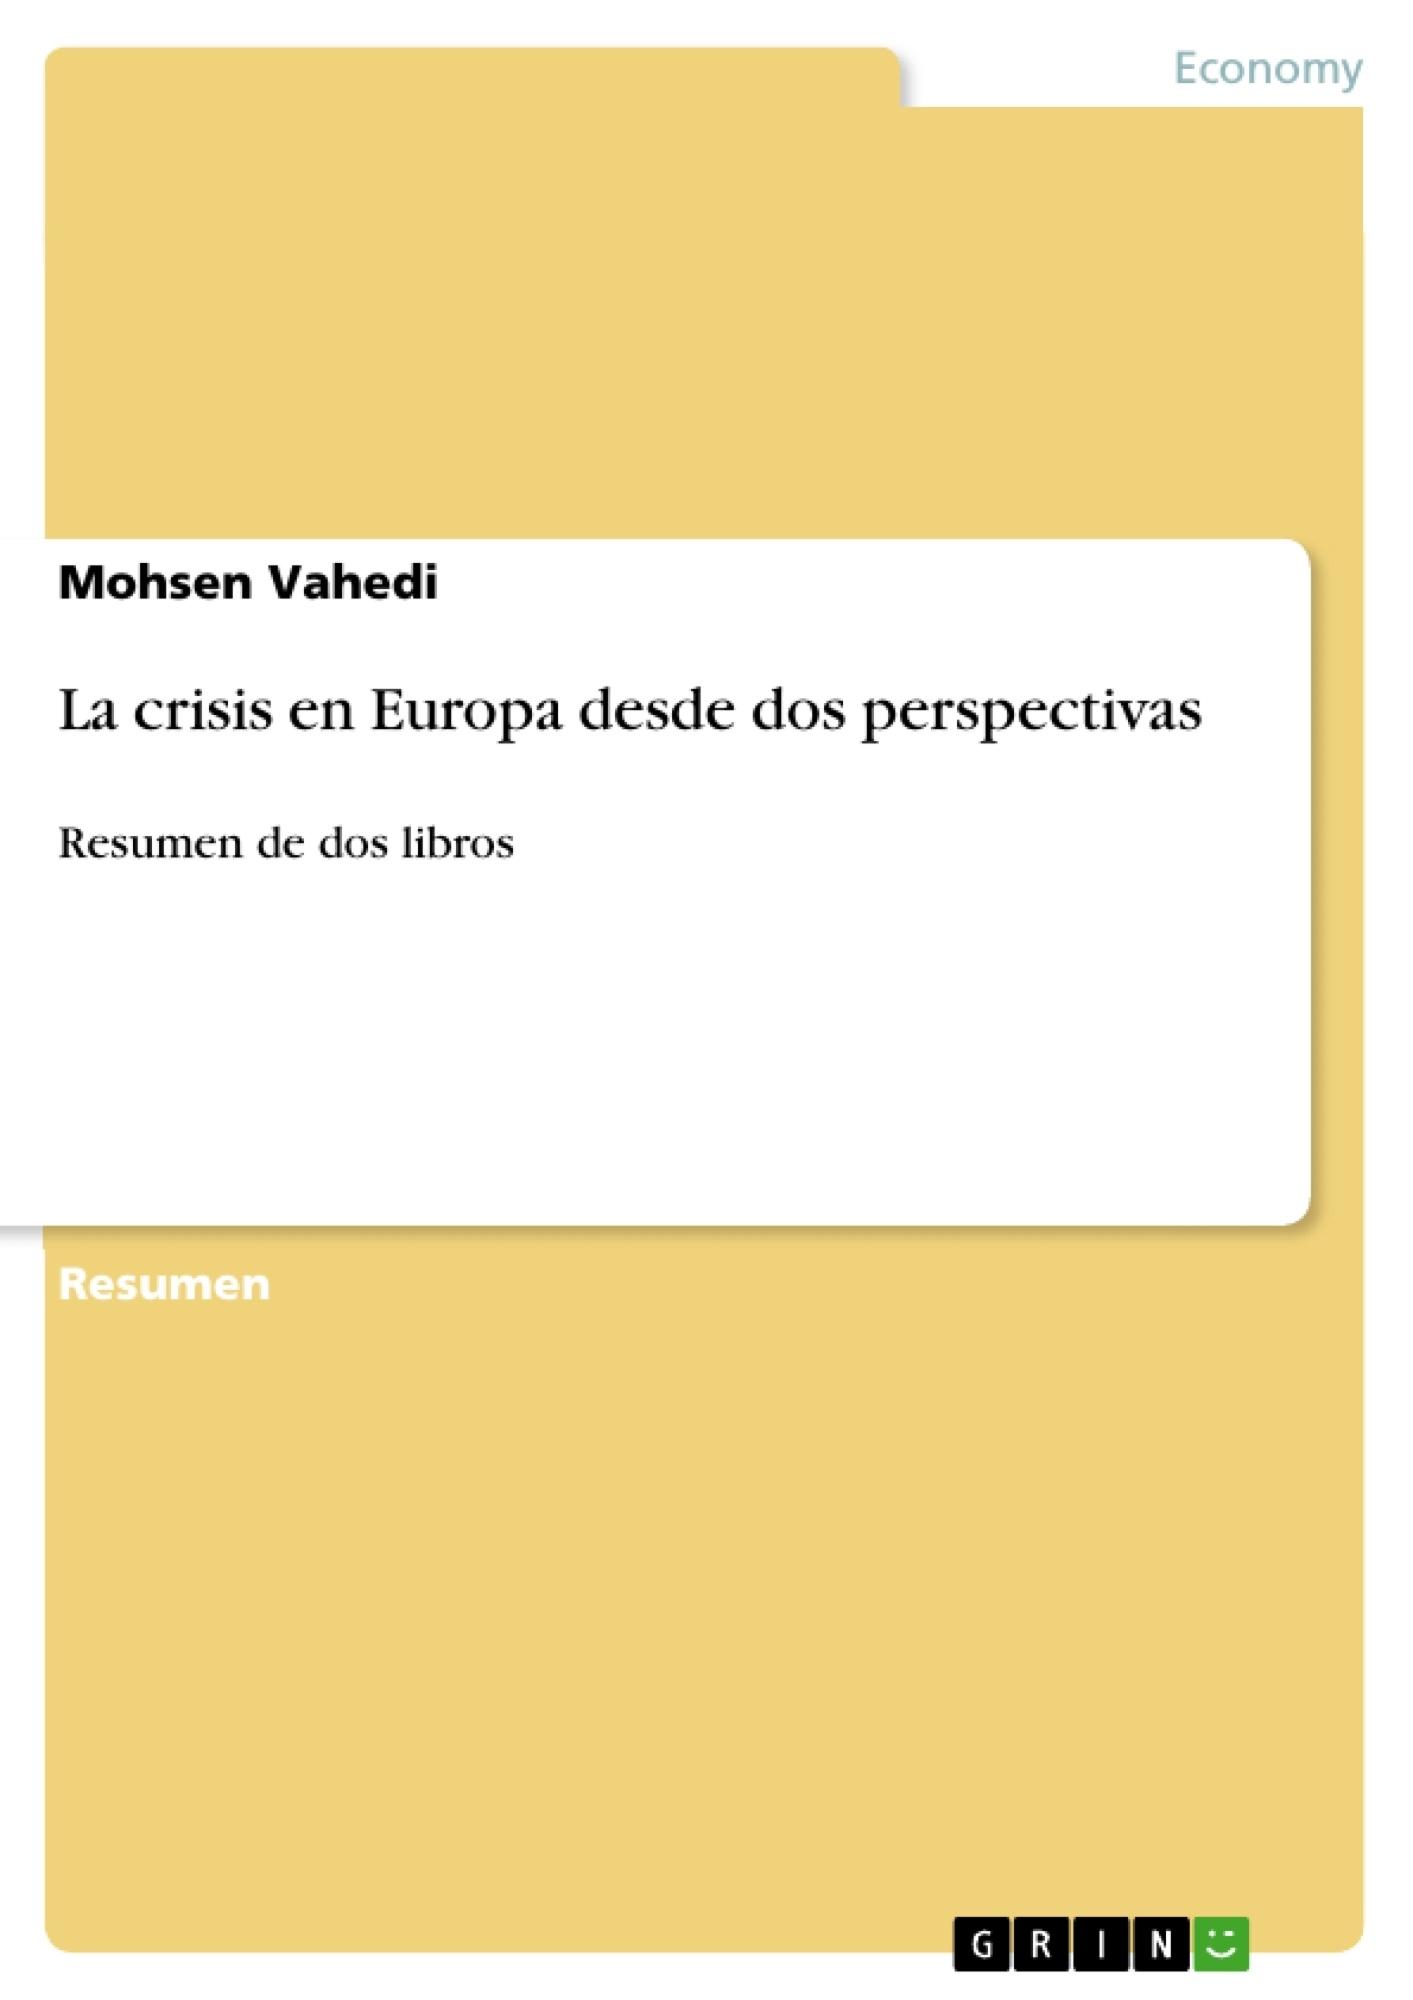 Título: La crisis en Europa desde dos perspectivas